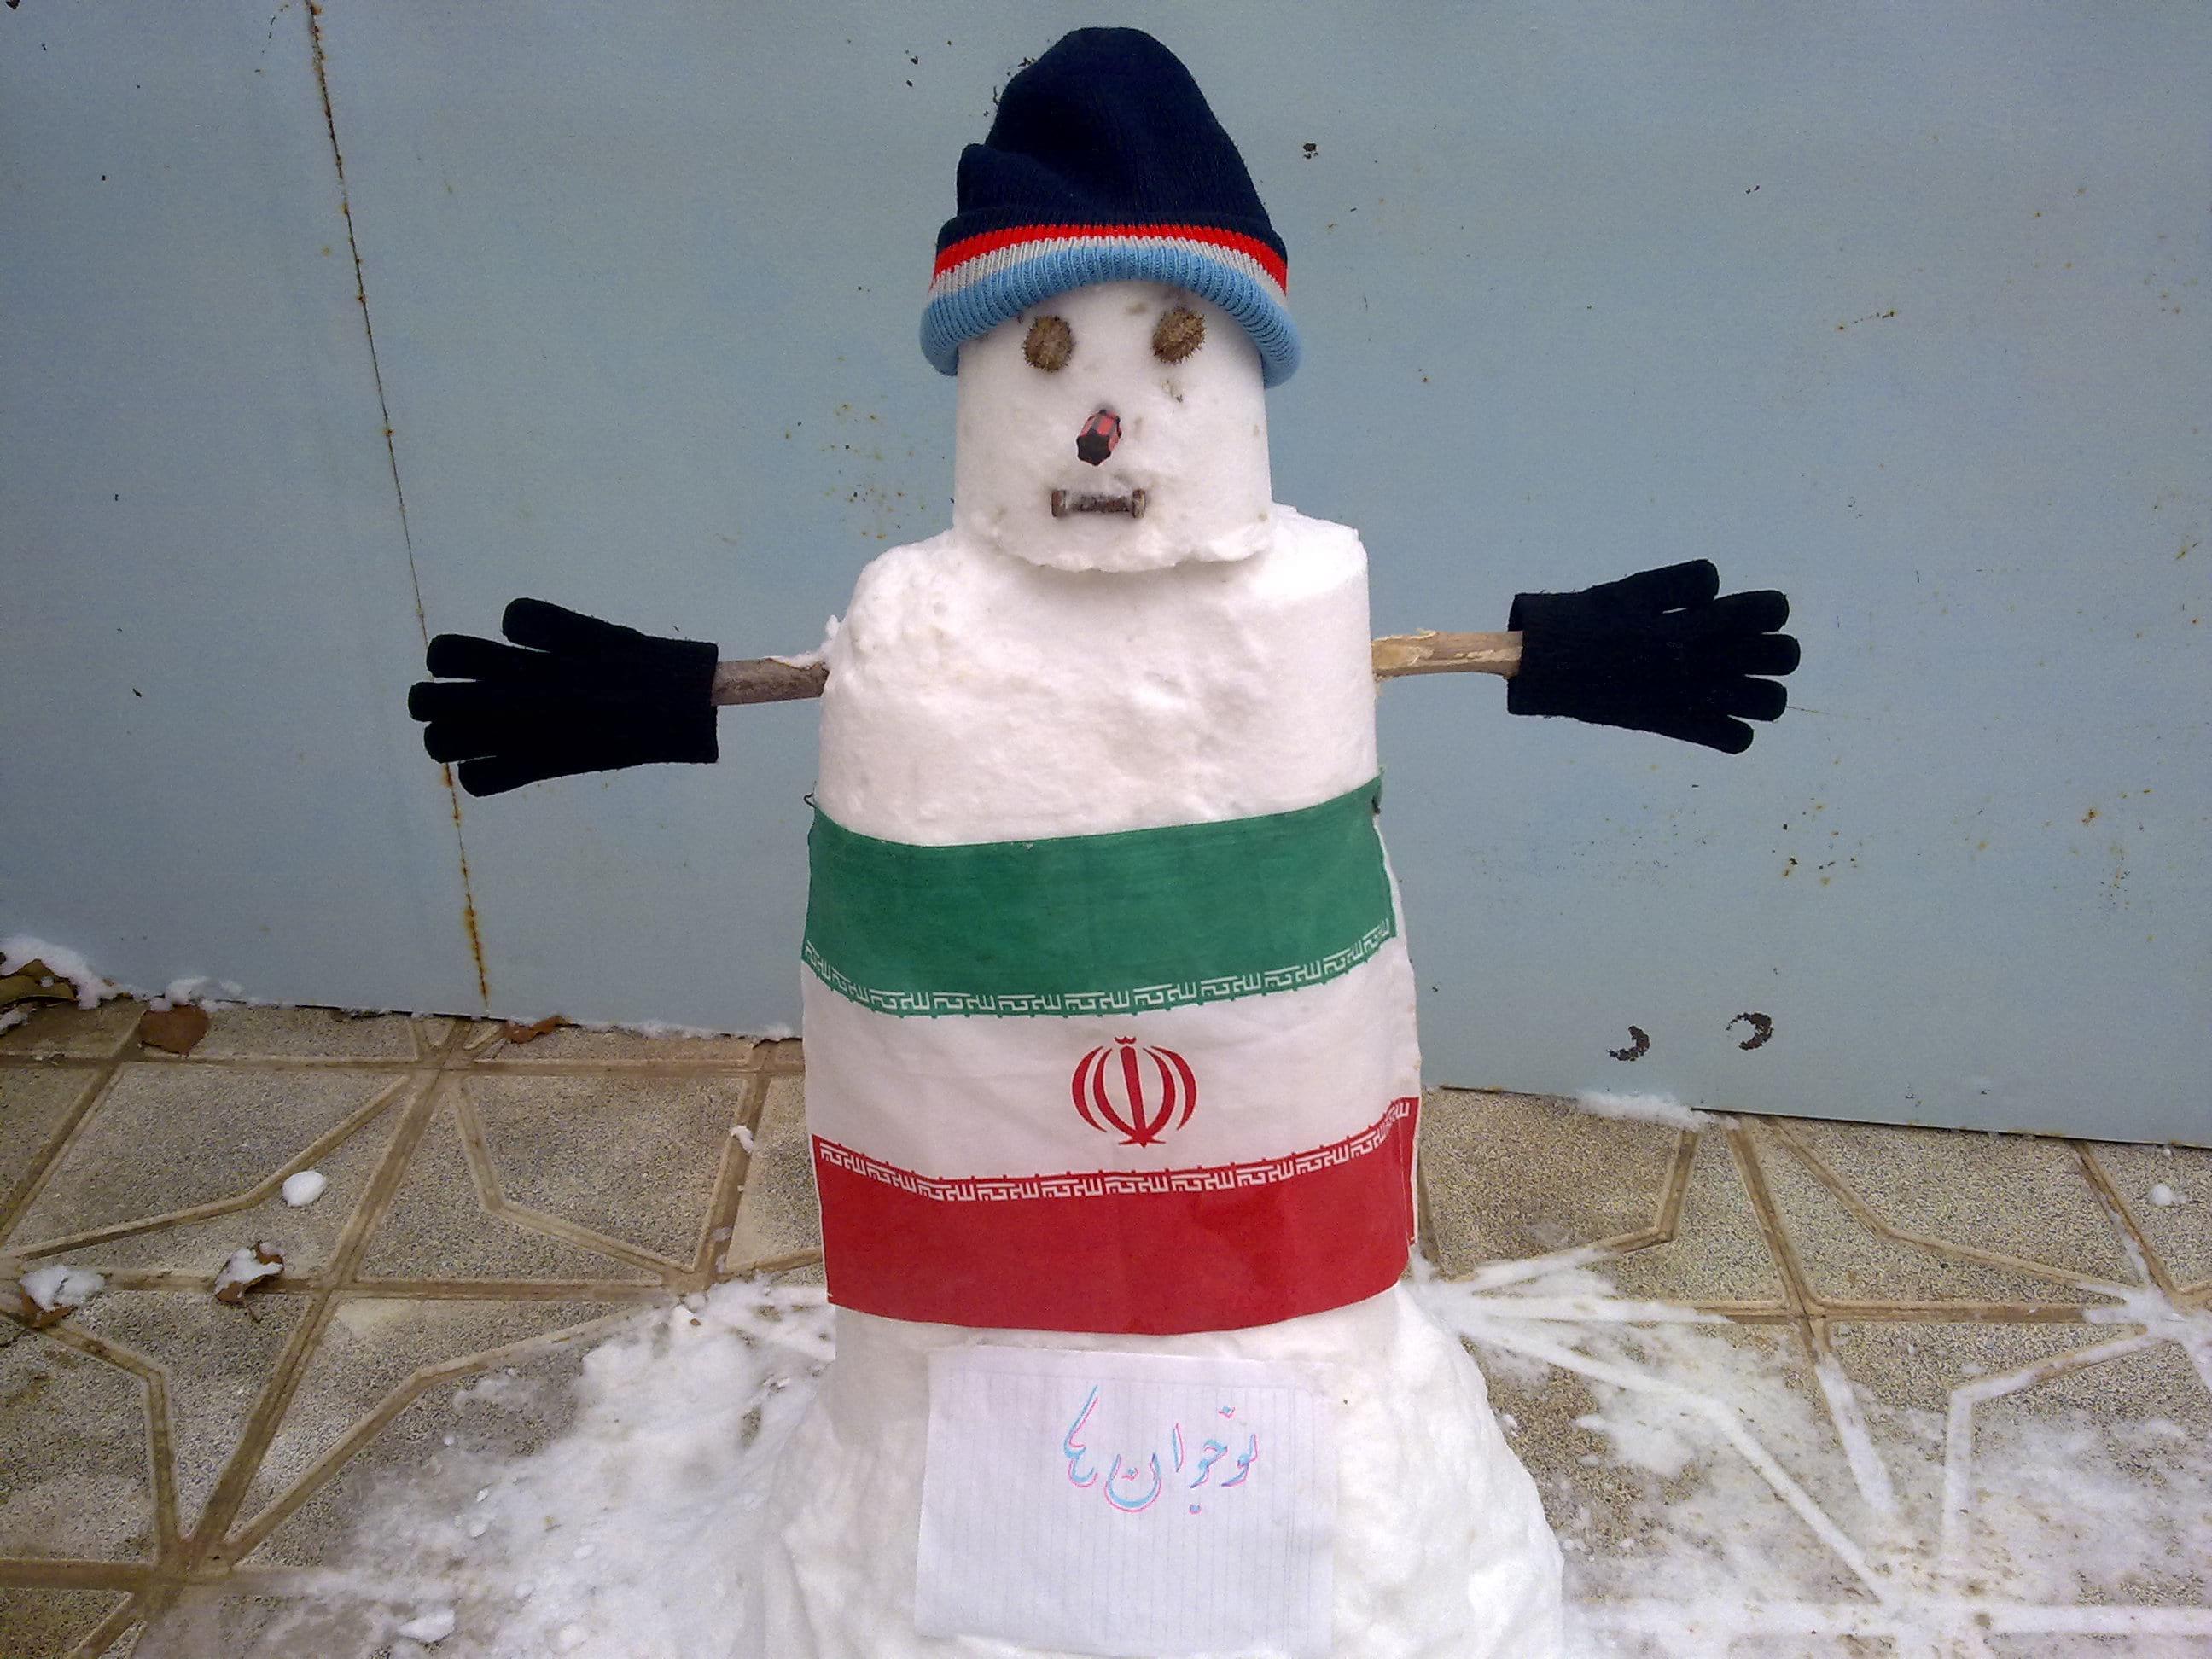 عکس شماره13: سجاد جنگجو  استان از بشرویه خراسان جنوبی